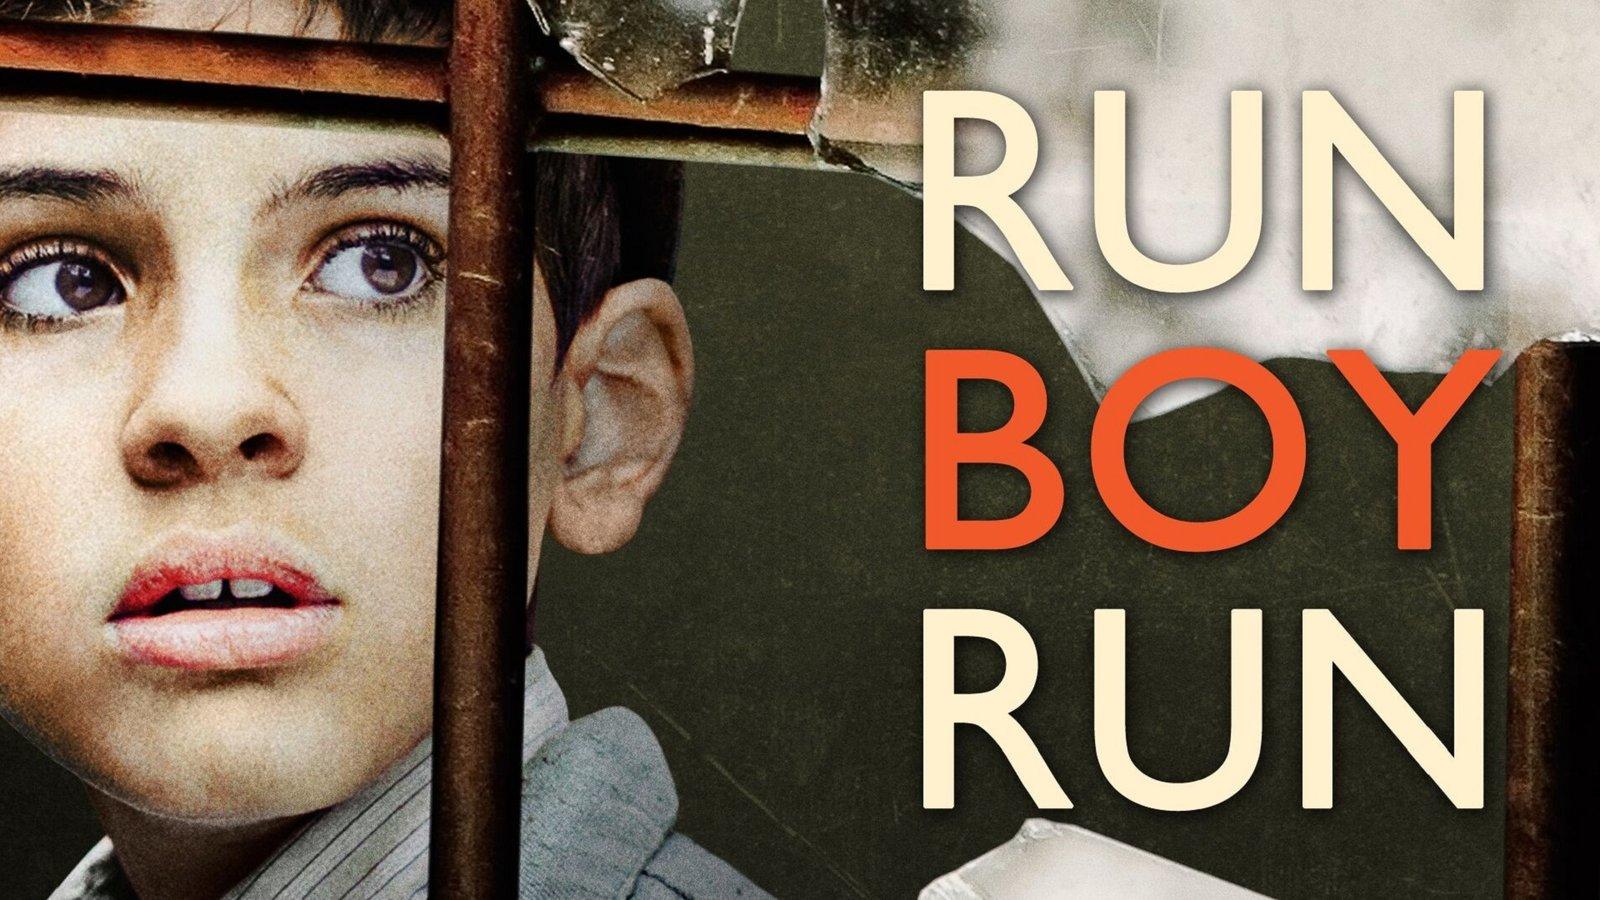 Run Boy Run - Lauf Junge lauf